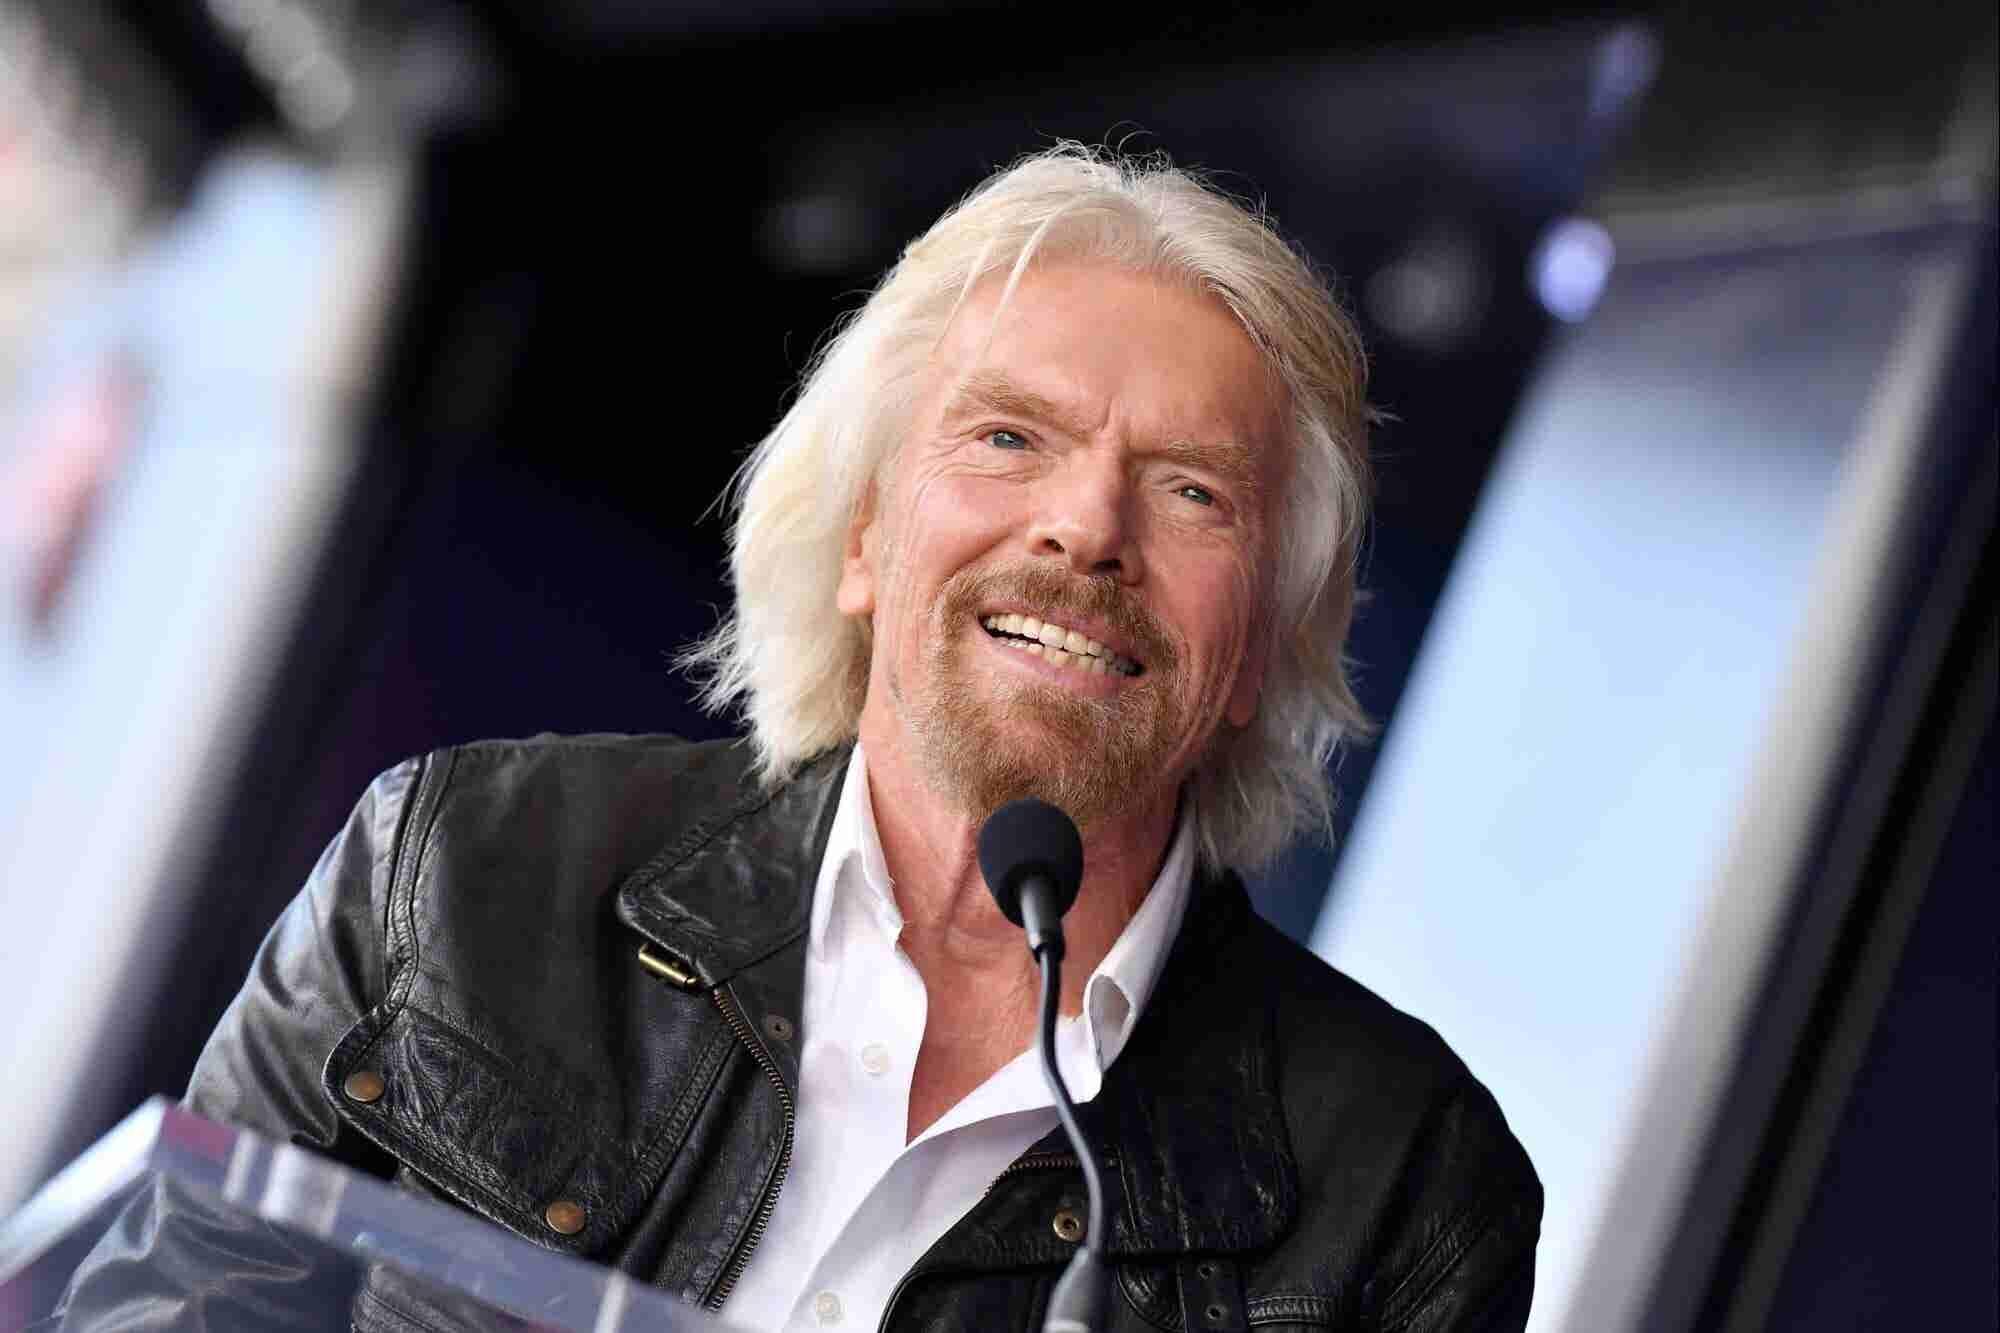 10 libros que realmente valen la pena escritos por multimillonarios que se hicieron solos